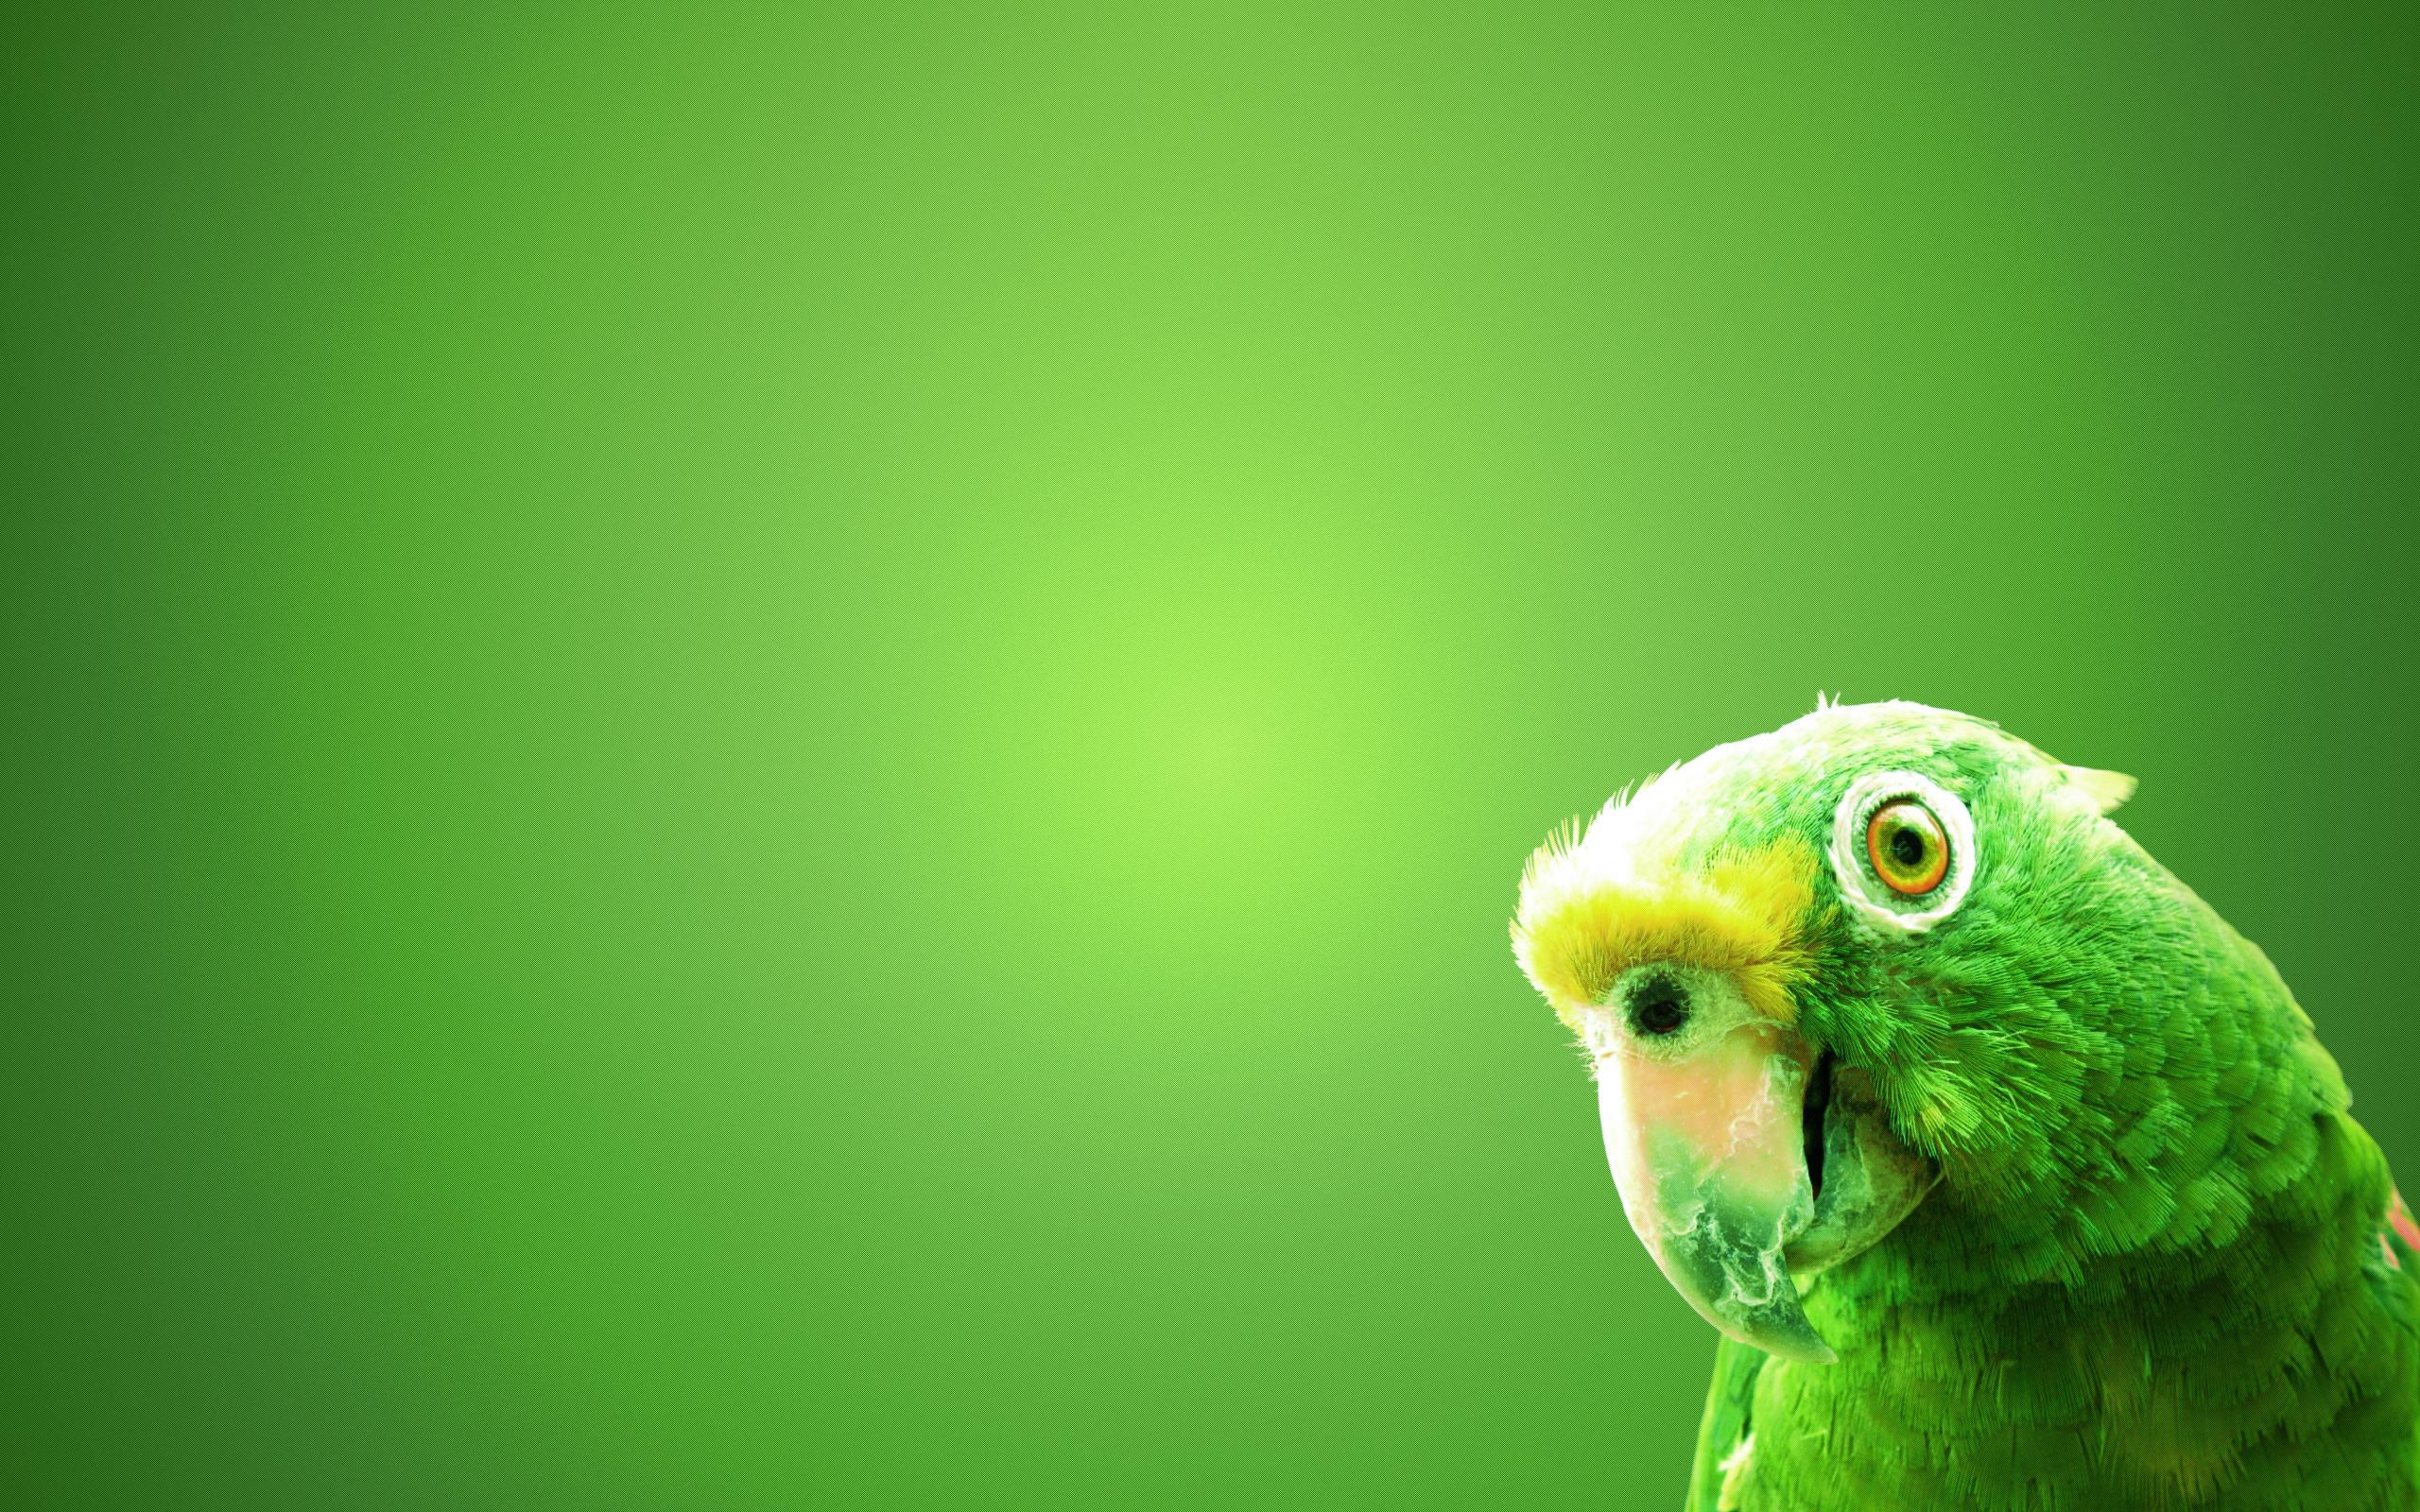 green parrot wallpaper 19876